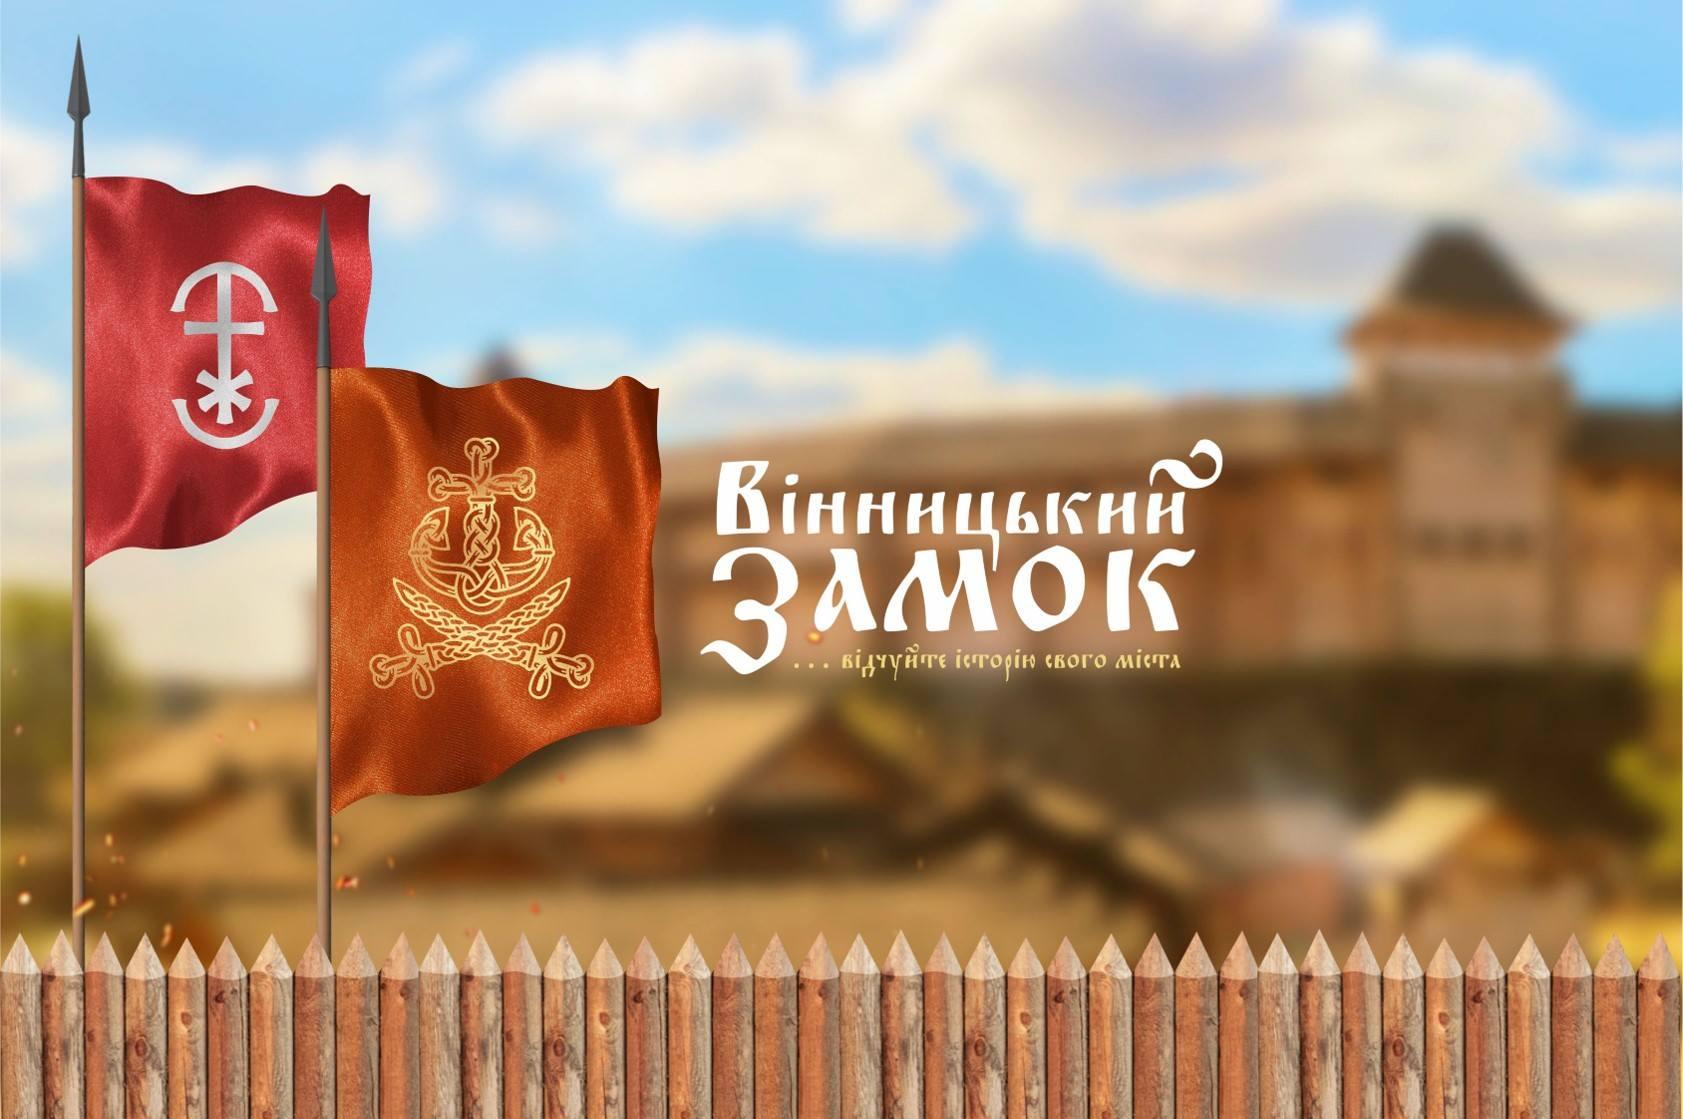 Що планують облаштувати на Замковій горі у Вінниці: запрошують на дискусію